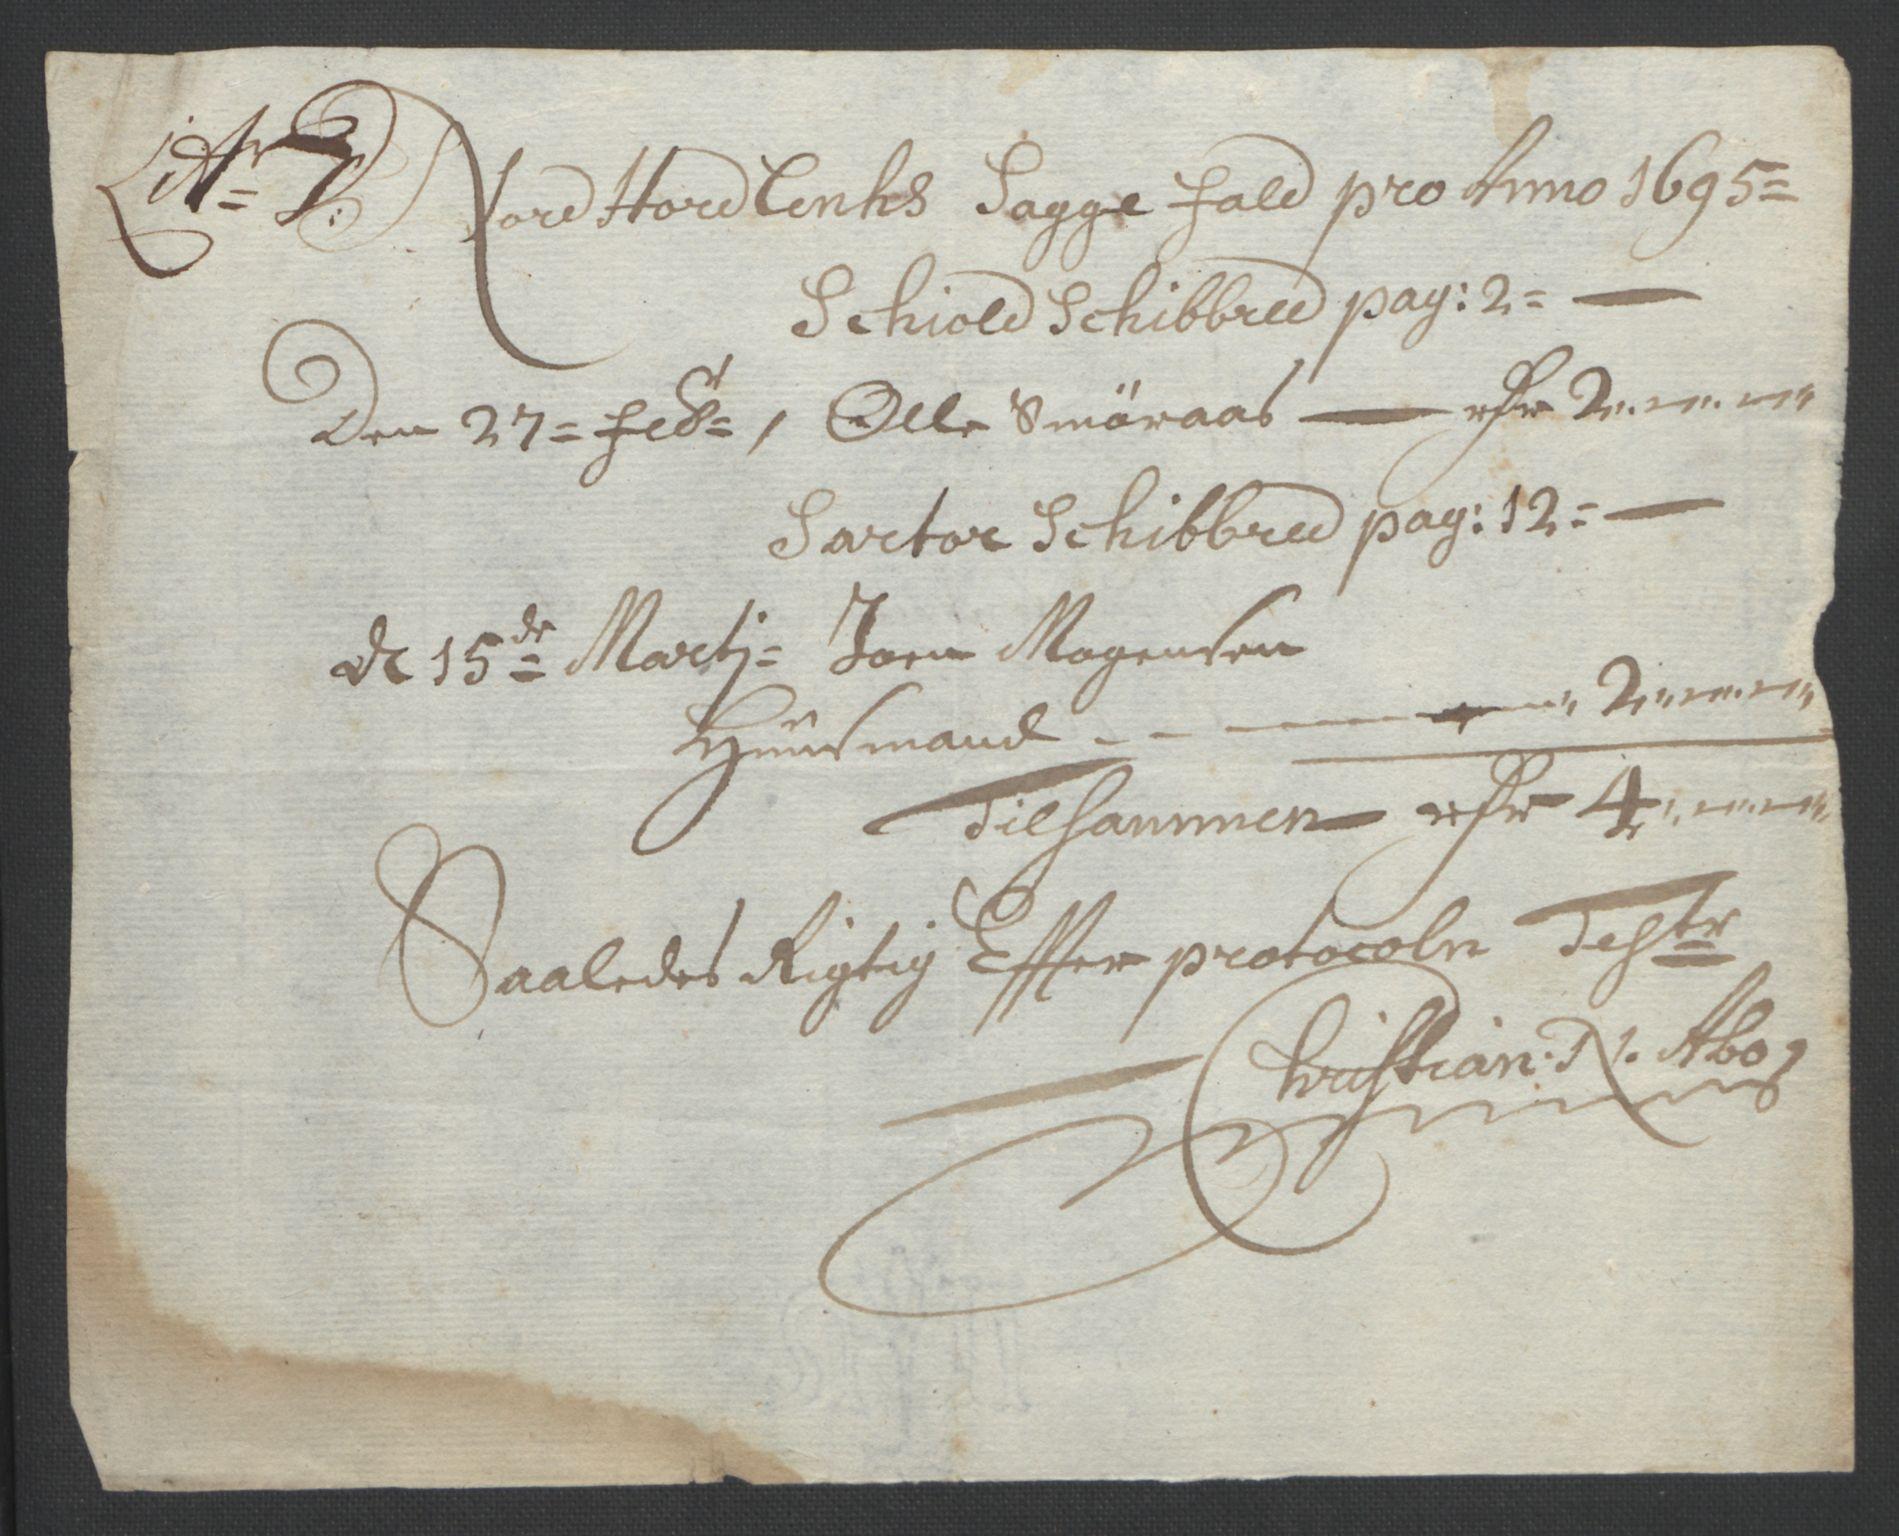 RA, Rentekammeret inntil 1814, Reviderte regnskaper, Fogderegnskap, R51/L3183: Fogderegnskap Nordhordland og Voss, 1695-1697, s. 112